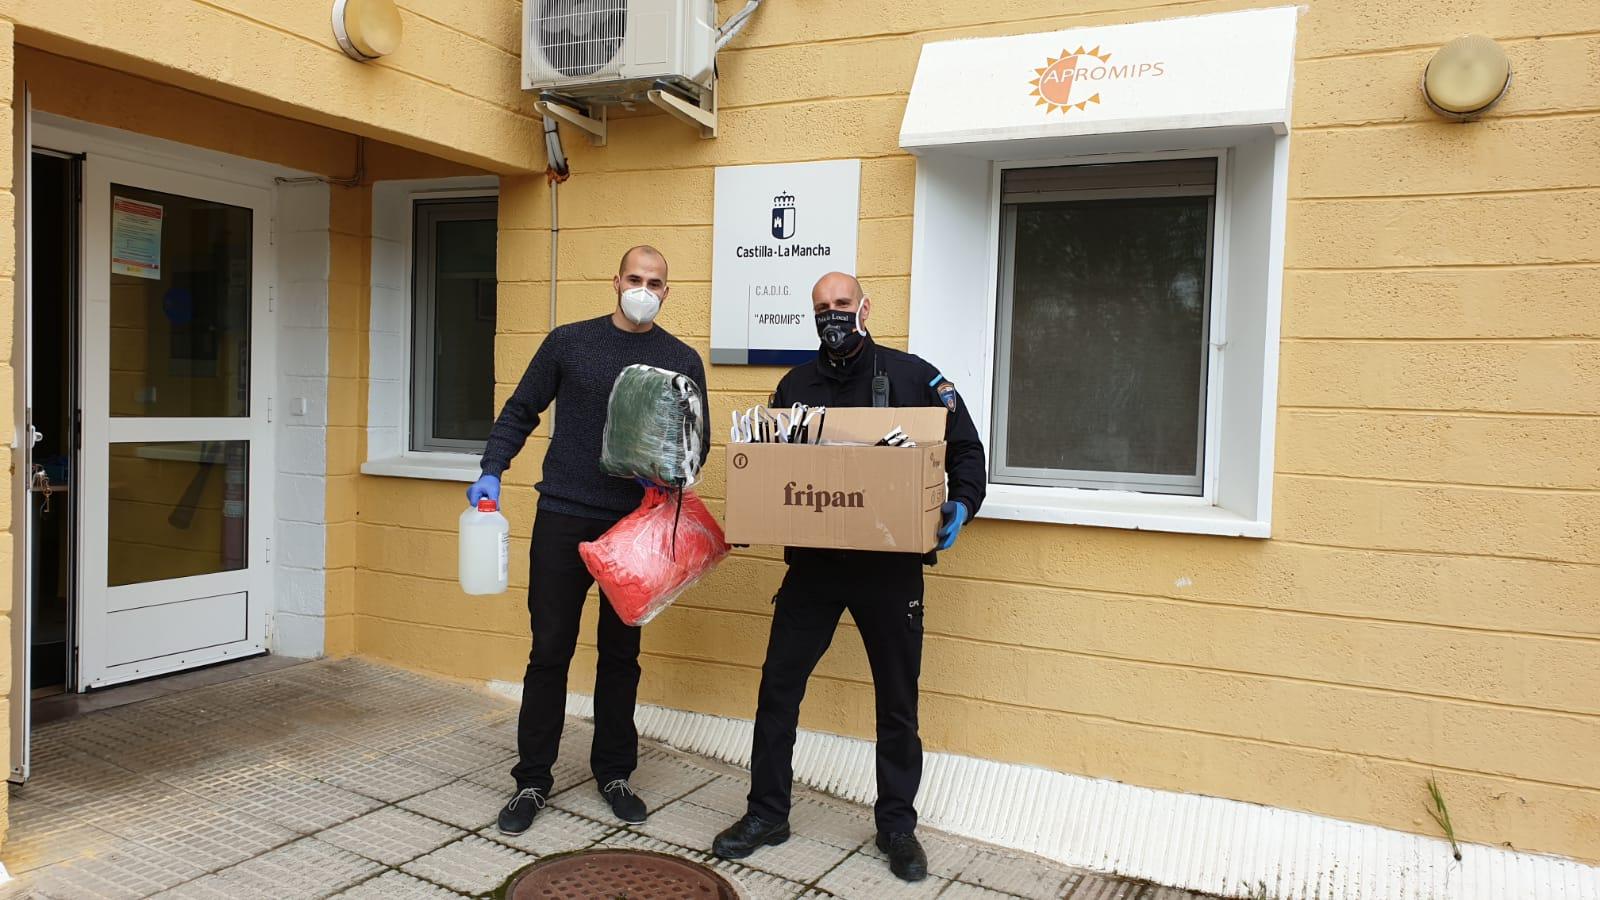 El Ayuntamiento de Cuenca entrega a APROMIPS material de protección